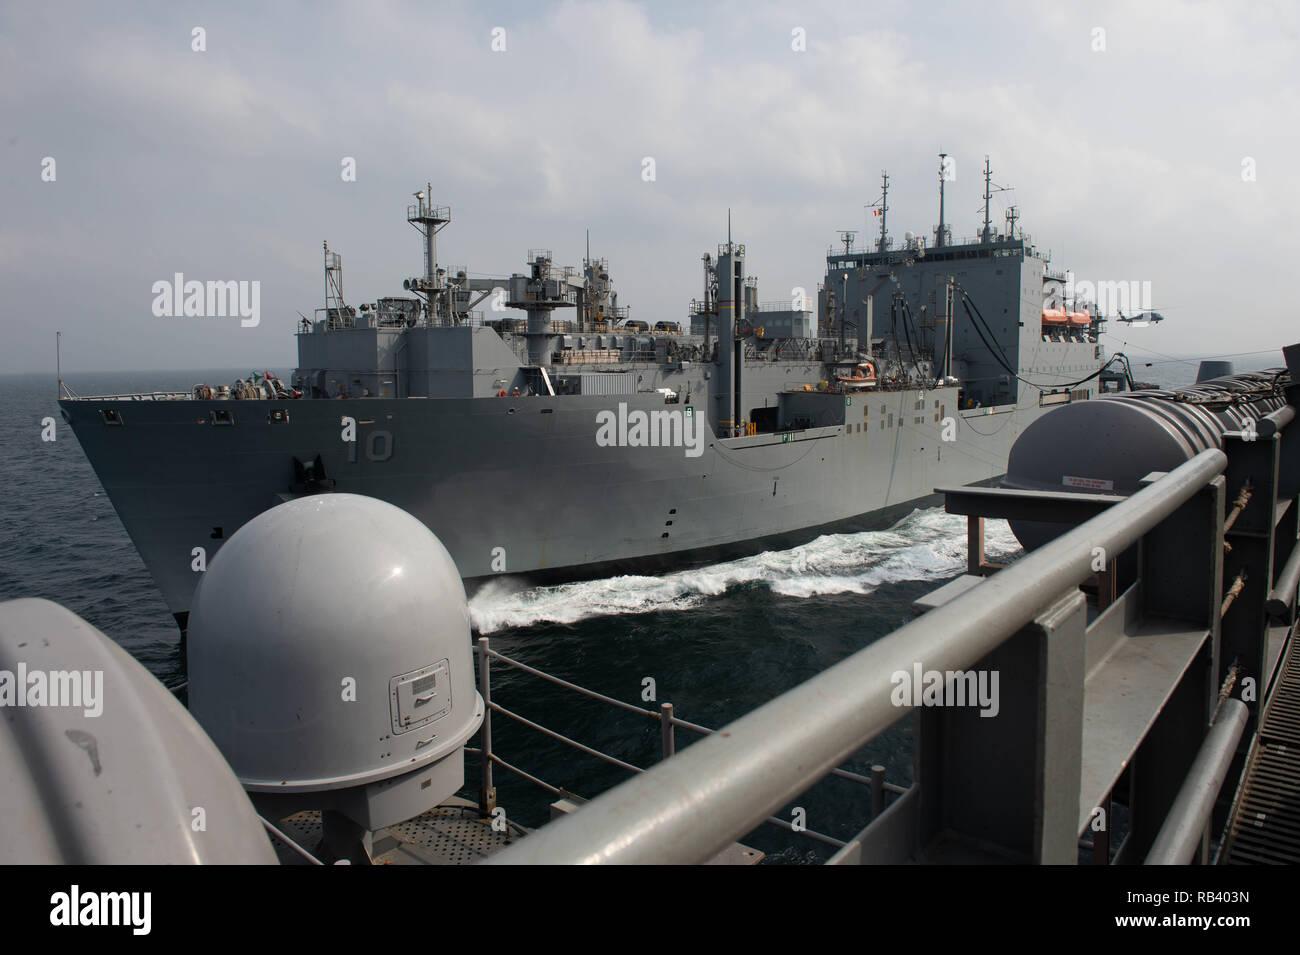 Les cargaisons sèches et de munitions ship USNS Charles Drew (T-AKE 10) voiles aux côtés du porte-avions USS JOHN C. STENNIS (CVN 74) au cours d'un ravitaillement en mer dans le Golfe Arabe, le 4 janvier 2019. Le John C. Stennis dans le groupe est déployé pour la 5e flotte américaine zone d'opérations à l'appui des opérations navales pour assurer la stabilité et la sécurité maritime dans la région Centrale, reliant la Méditerranée et le Pacifique à travers l'ouest de l'Océan indien et trois points d'étranglement stratégiques. (US Navy photo de Mass Communication Specialist Seaman Apprentice Jordanie Ripley) Photo Stock